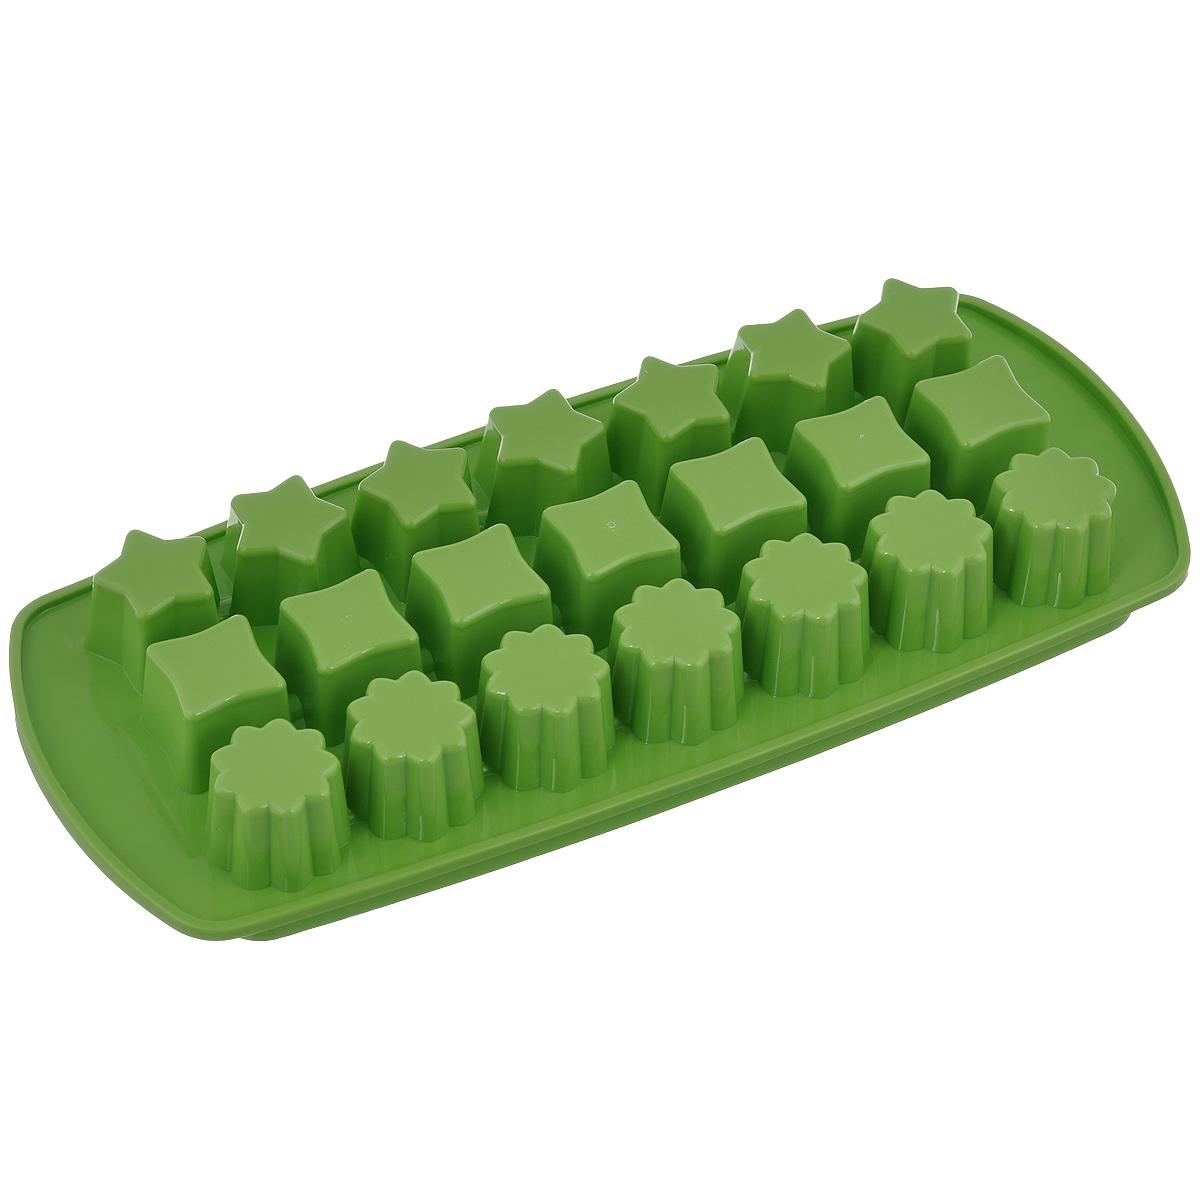 """Форма для льда Tescomа """"Presto"""", цвет: зеленый, 21 ячейка"""